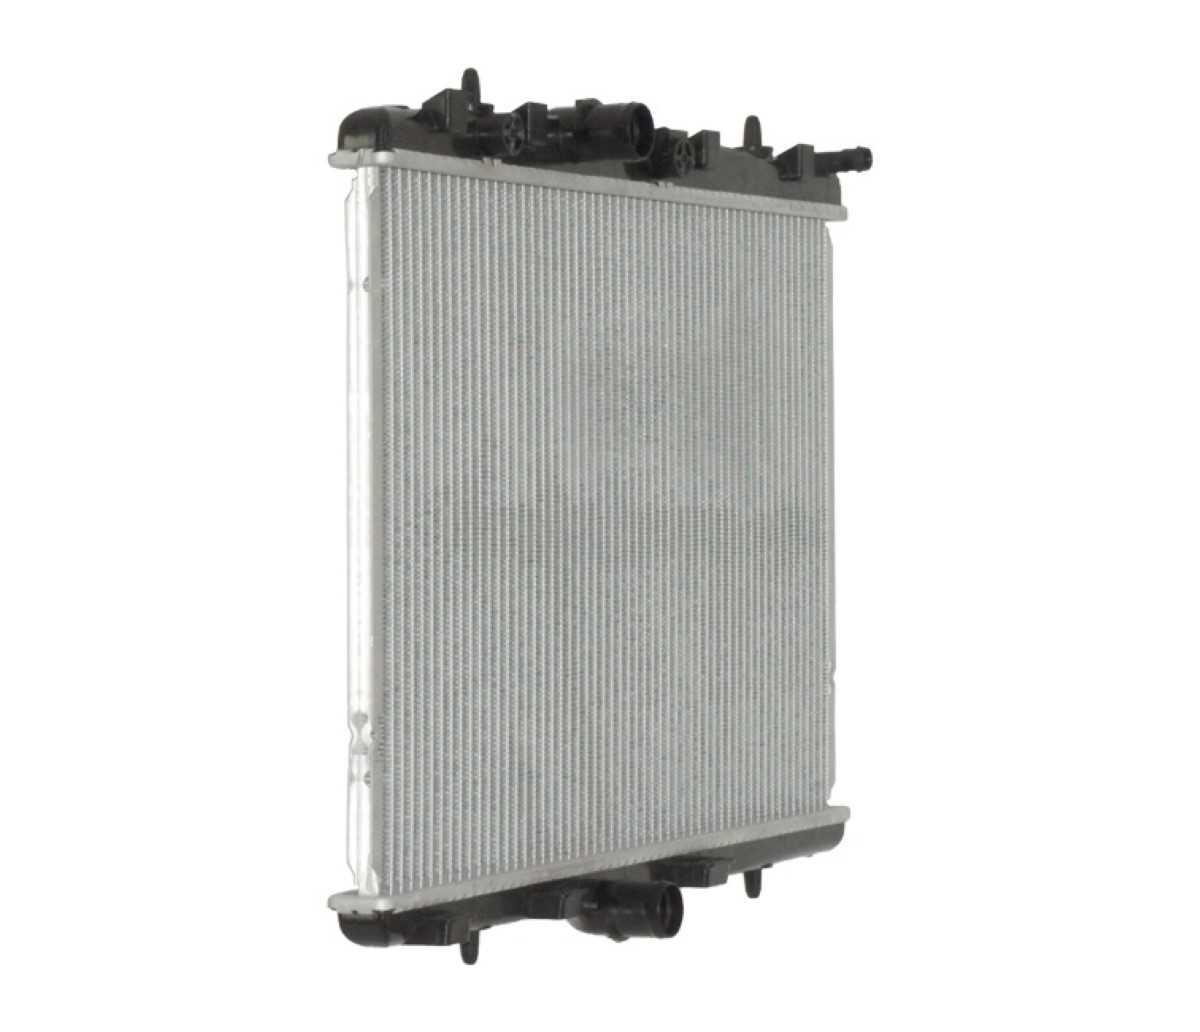 Radiador Agua Aircross C3 Picasso 2012 A 2049 C/Ar S/C Ta